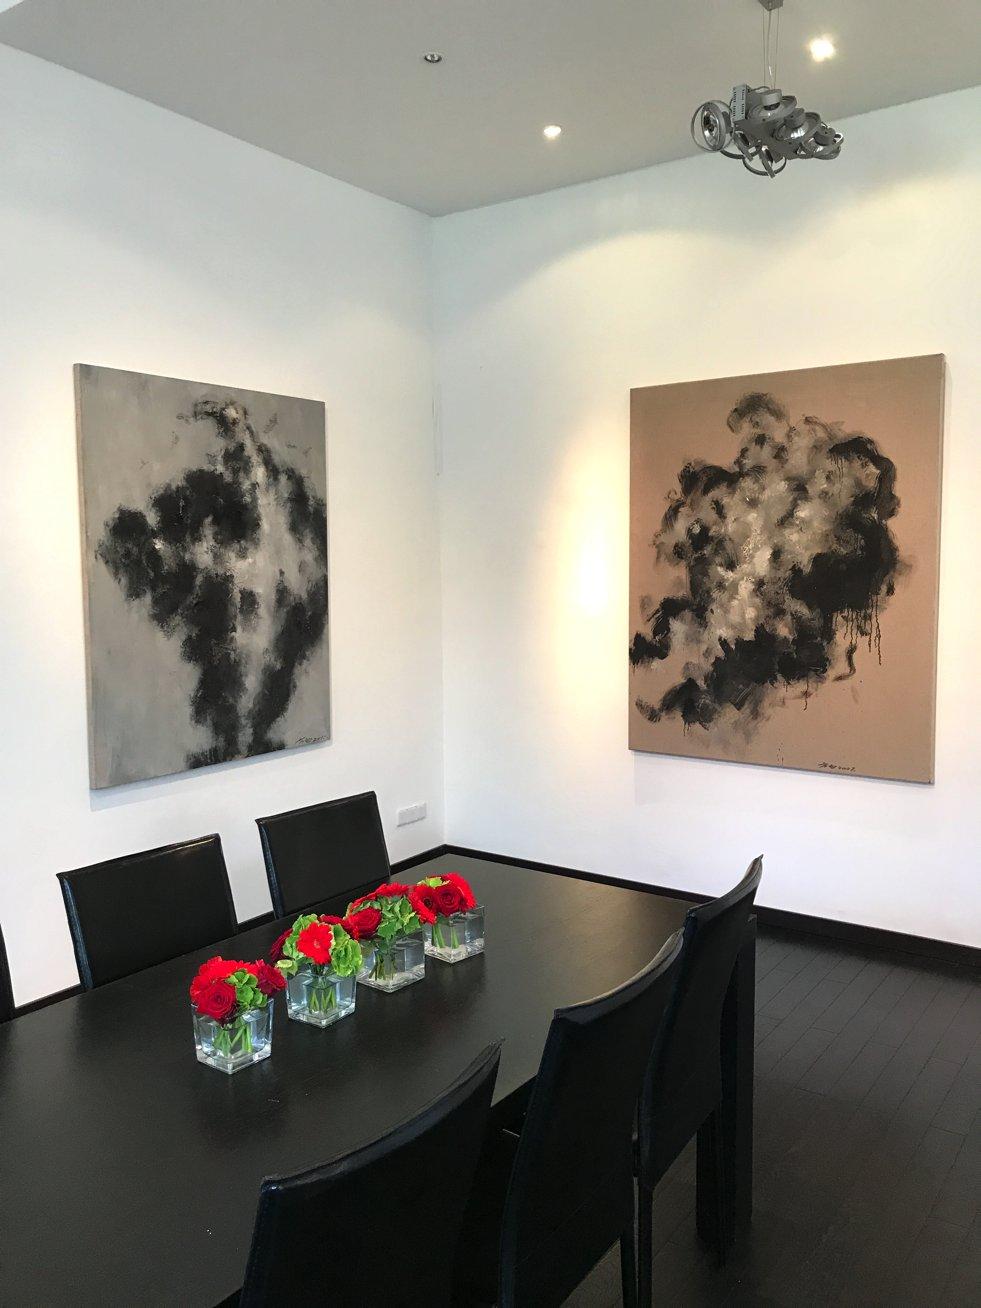 Zhang Fangbai artist, Zhang Fangbai art works, Zhang Fangbai Chinese Art, Lifestyle-Blog, Lieblingsstil.com,